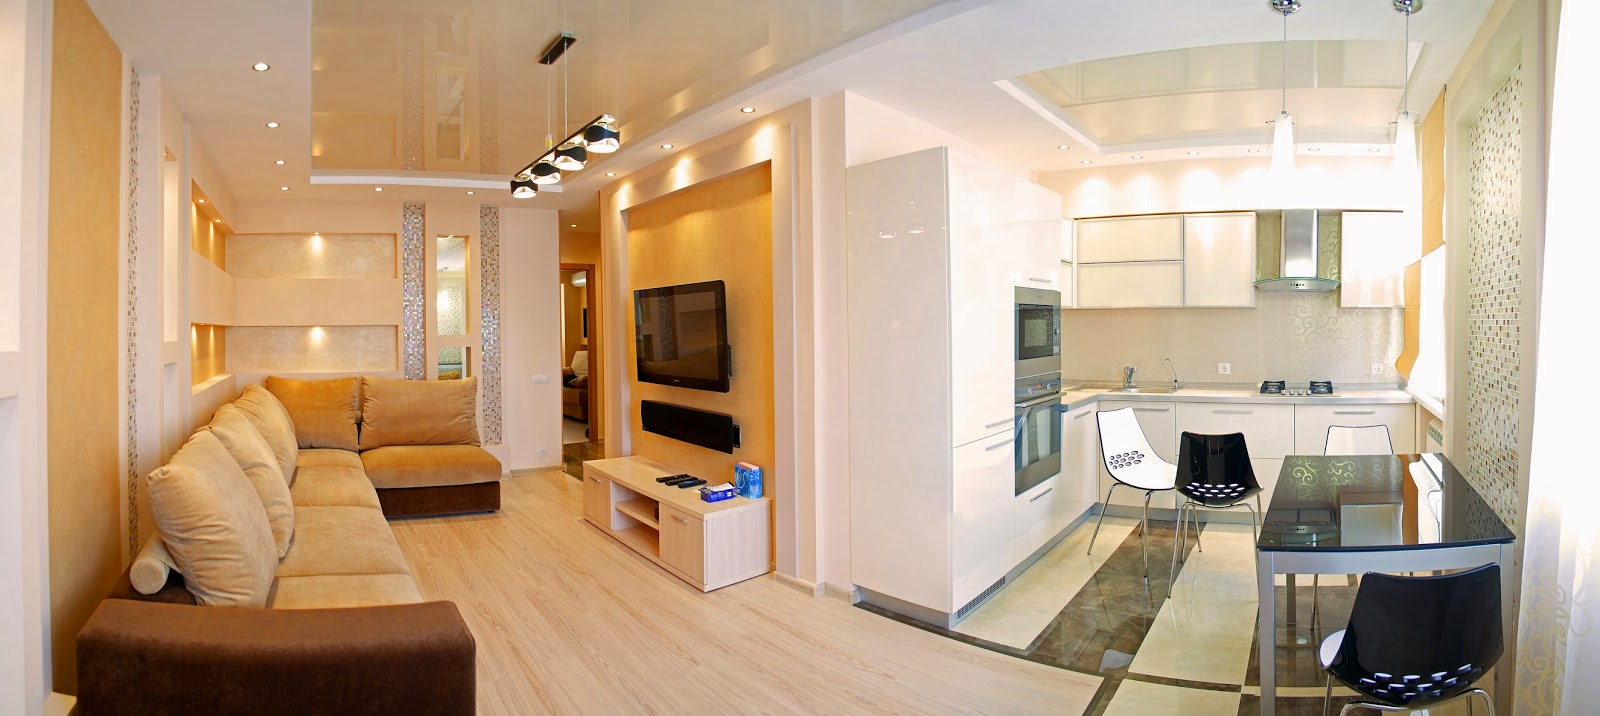 В Москве приняты новые правила перепланировки квартир